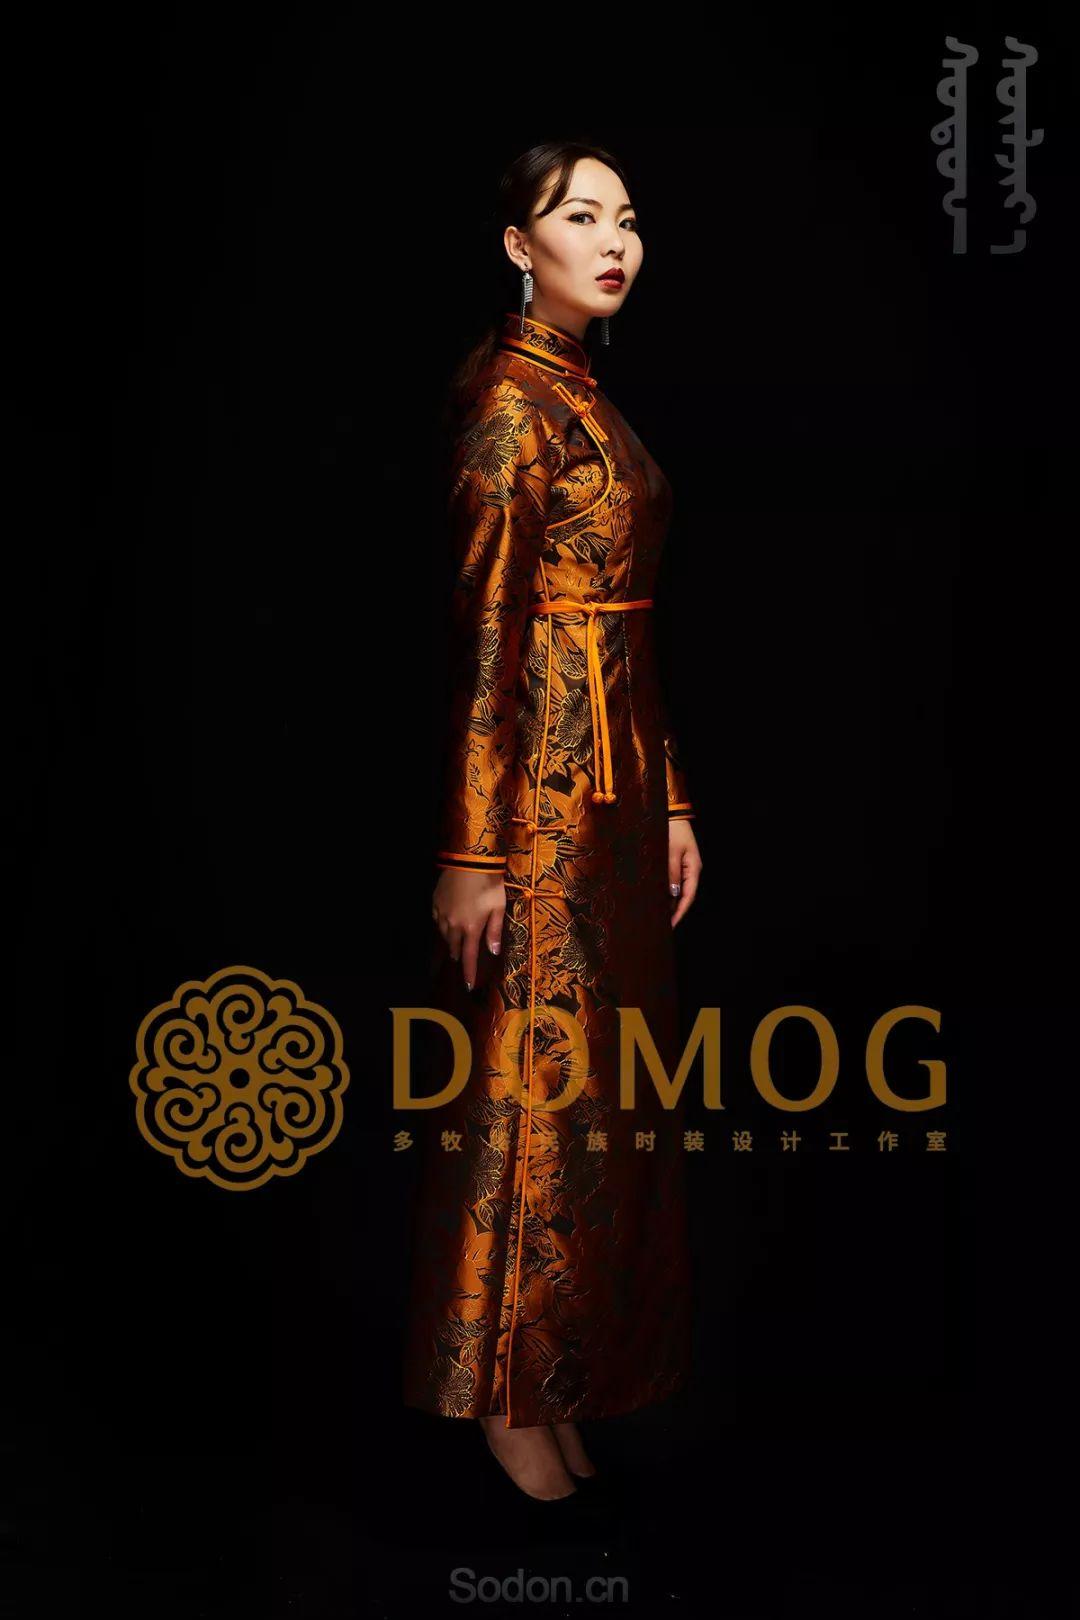 DOMOG蒙古时装绝美秋冬款系列,美出新高度! 第6张